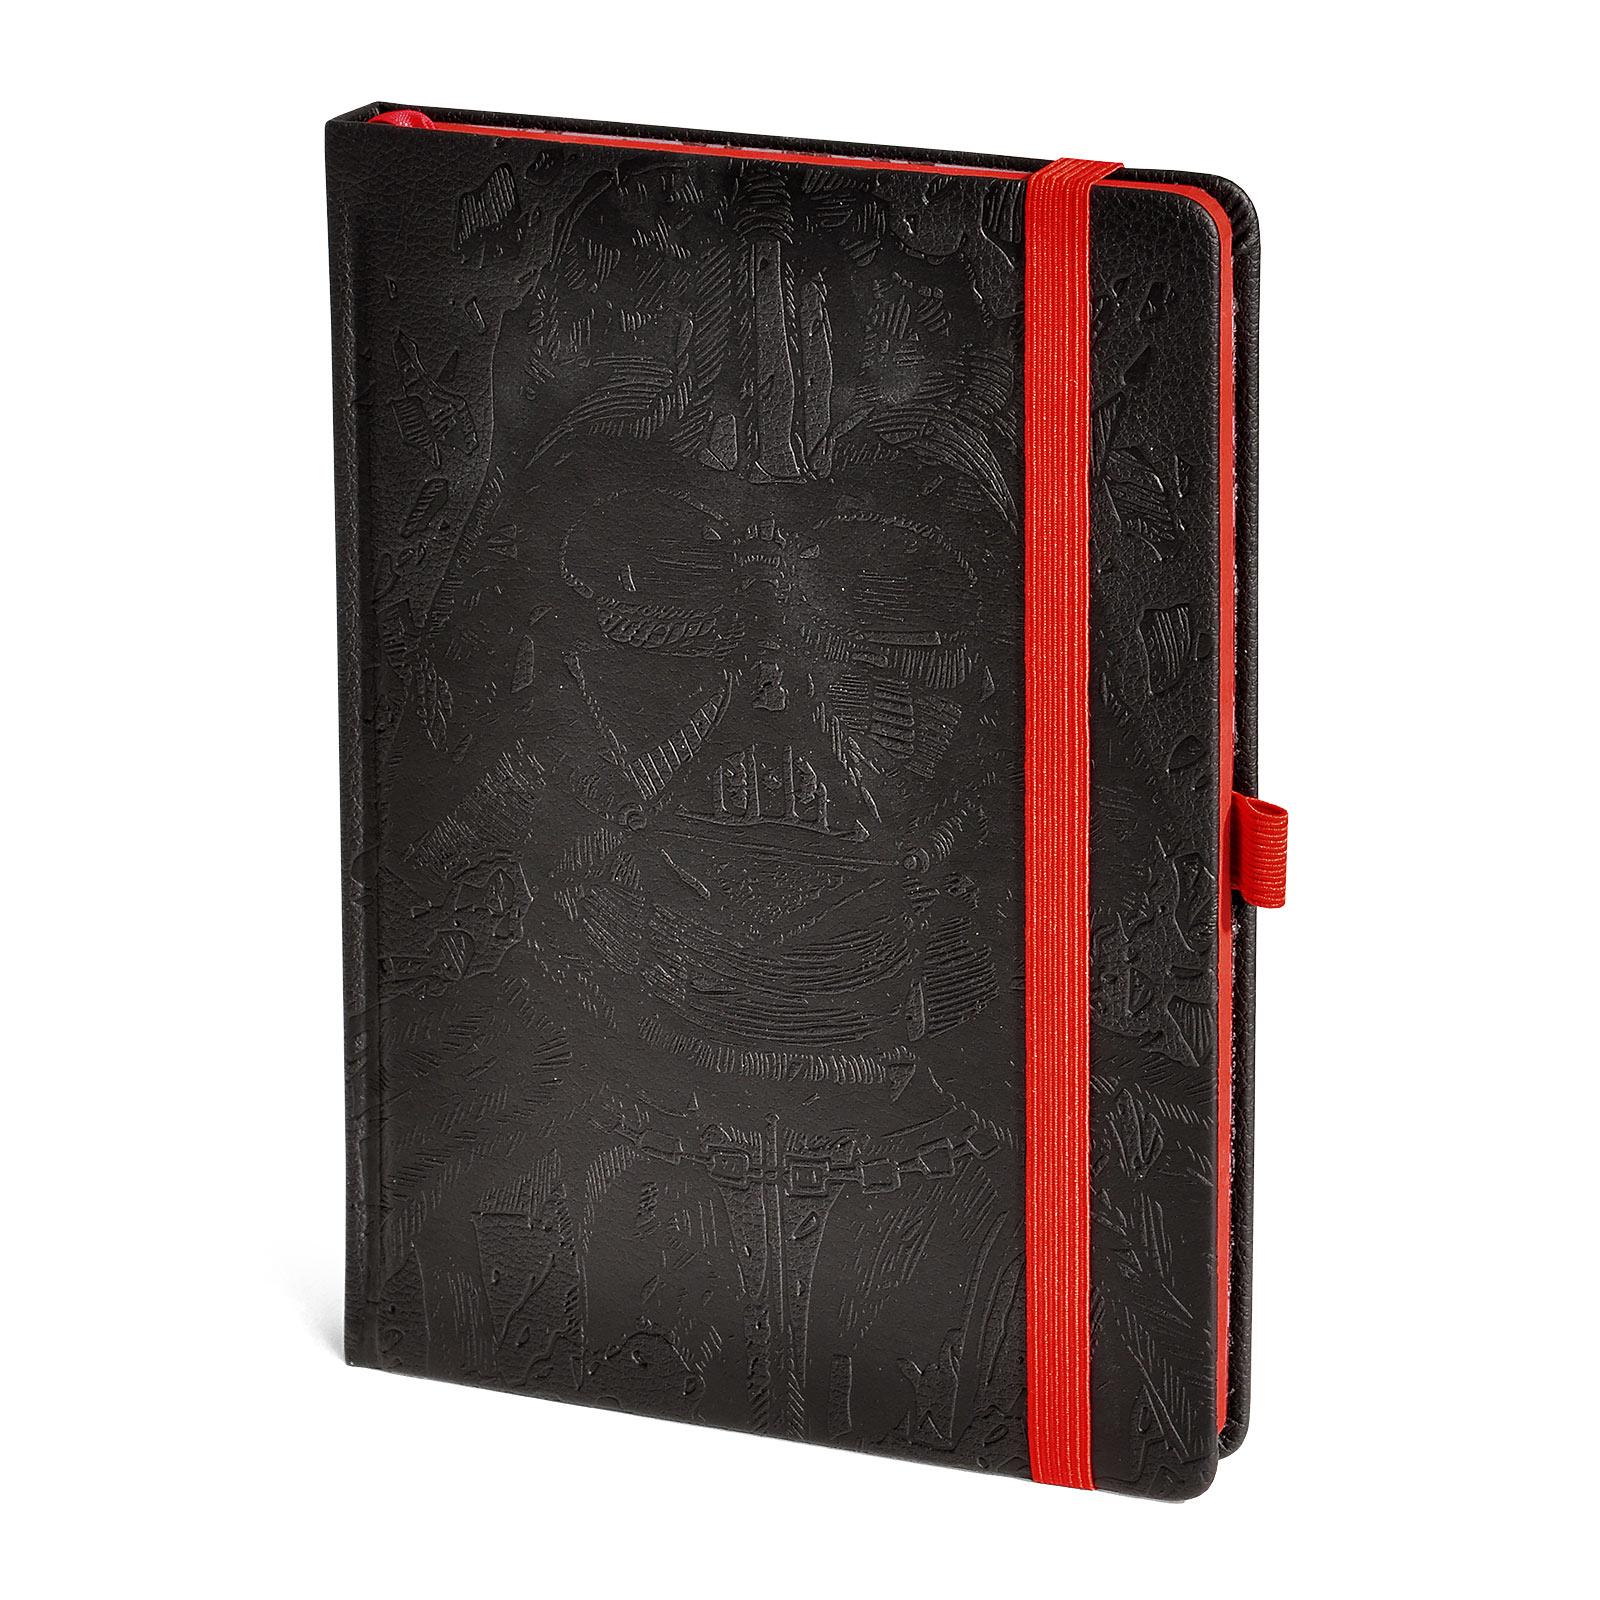 Star Wars - Darth Vader Art Premium Notizbuch A5